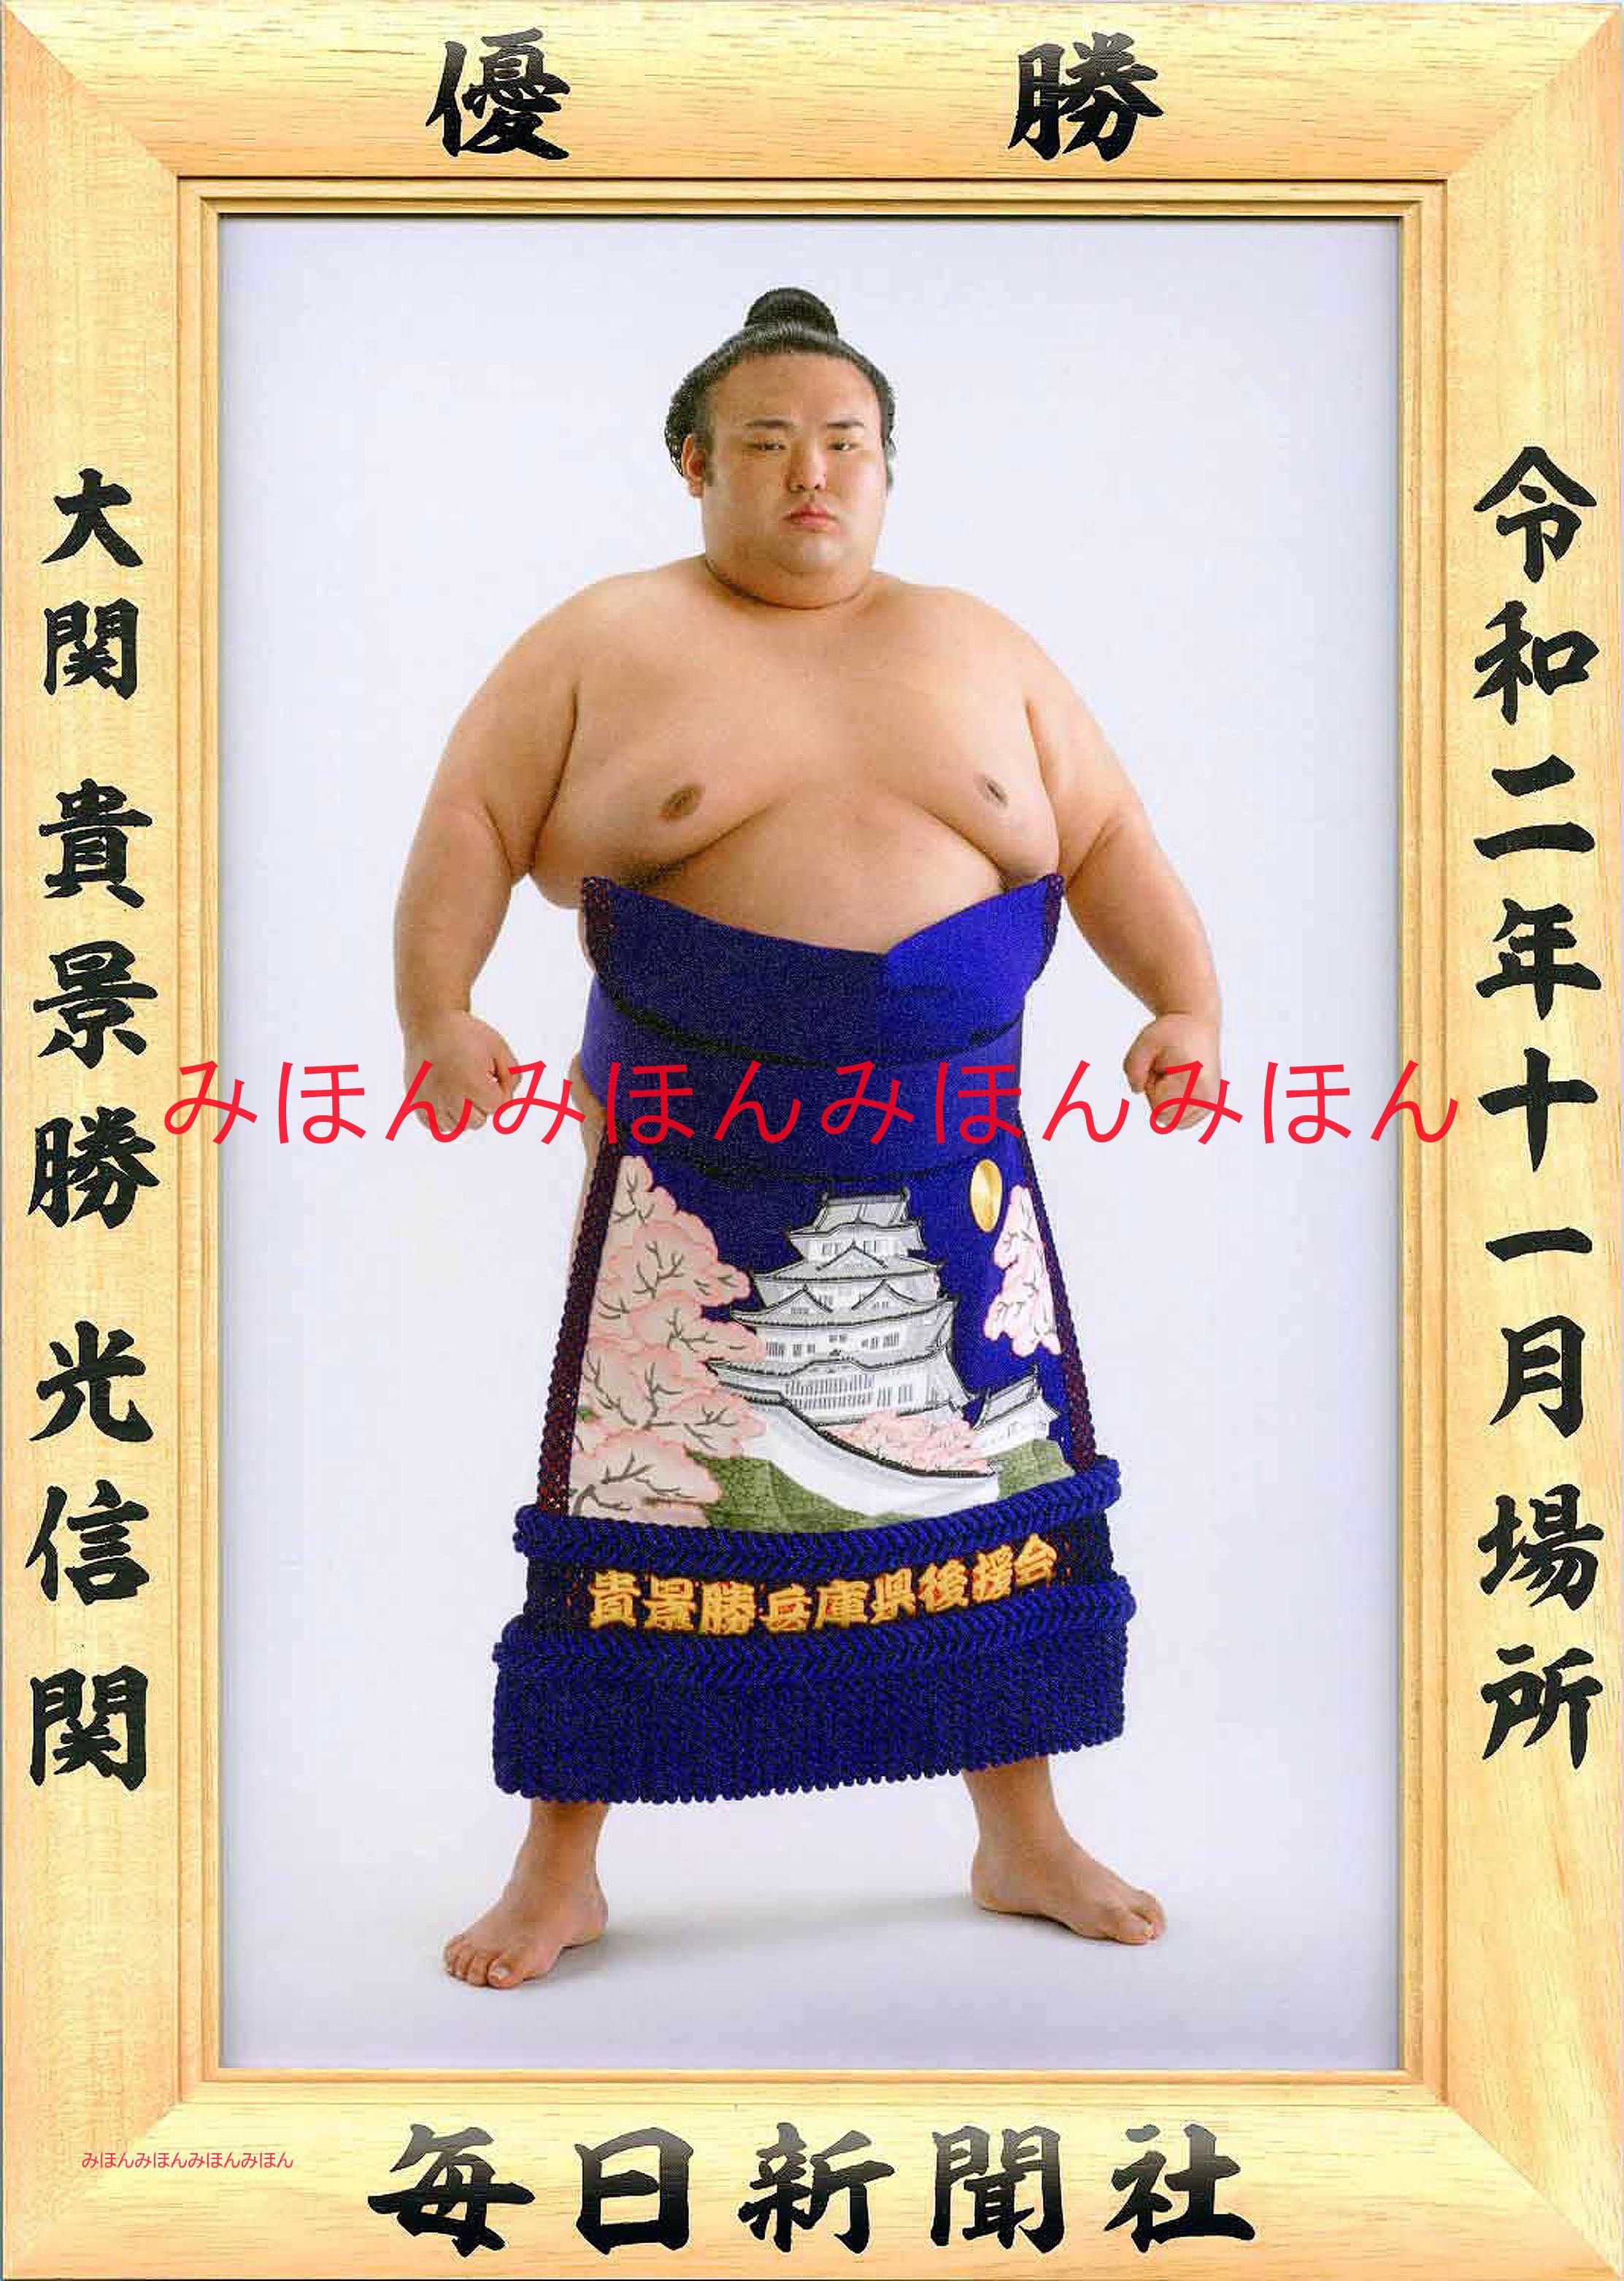 令和2年11月場所優勝 大関 貴景勝光信関(2回目の優勝)